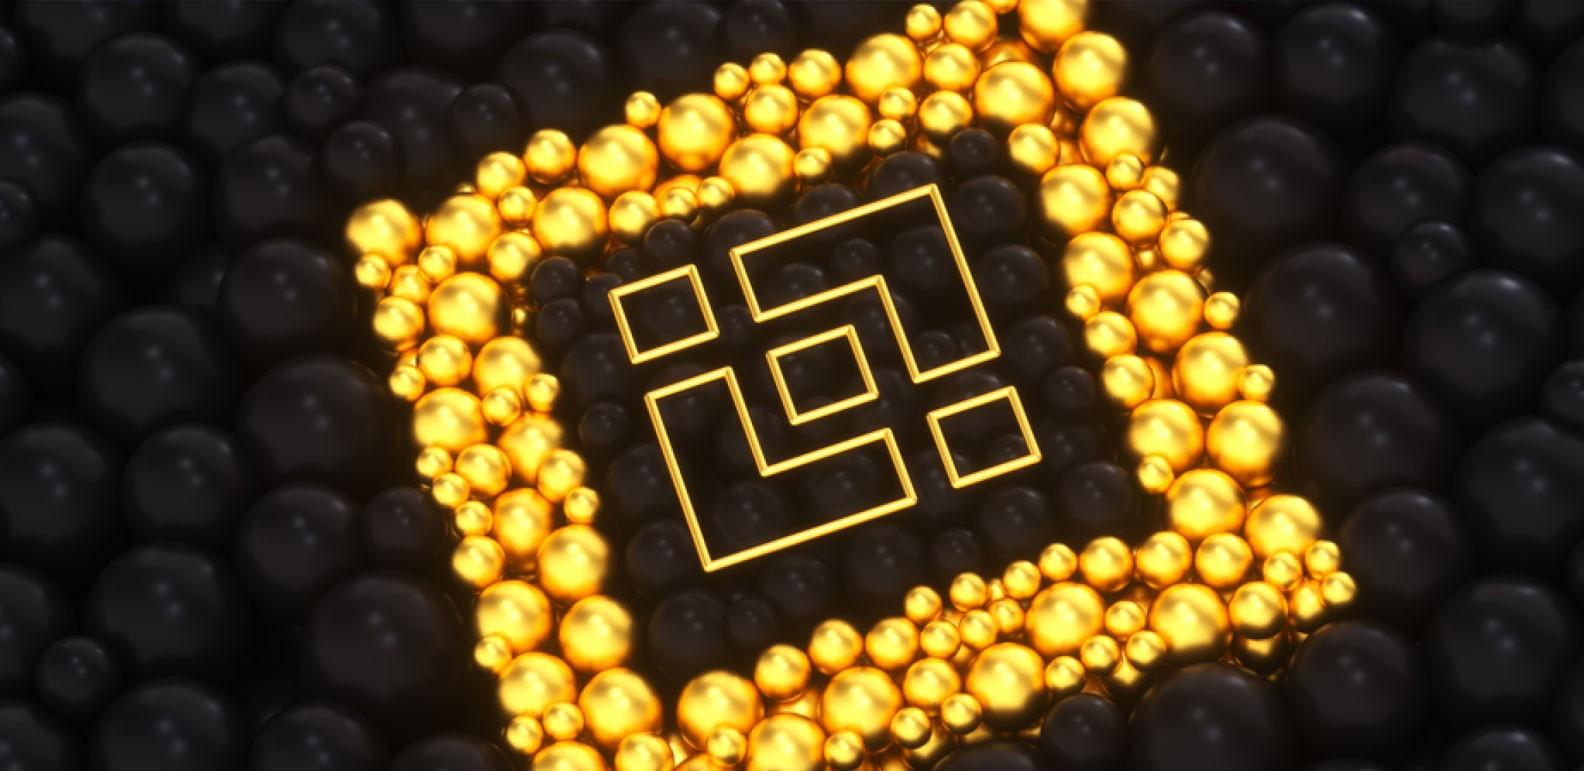 Золото, биткоин и прочие активы подскочили в цене